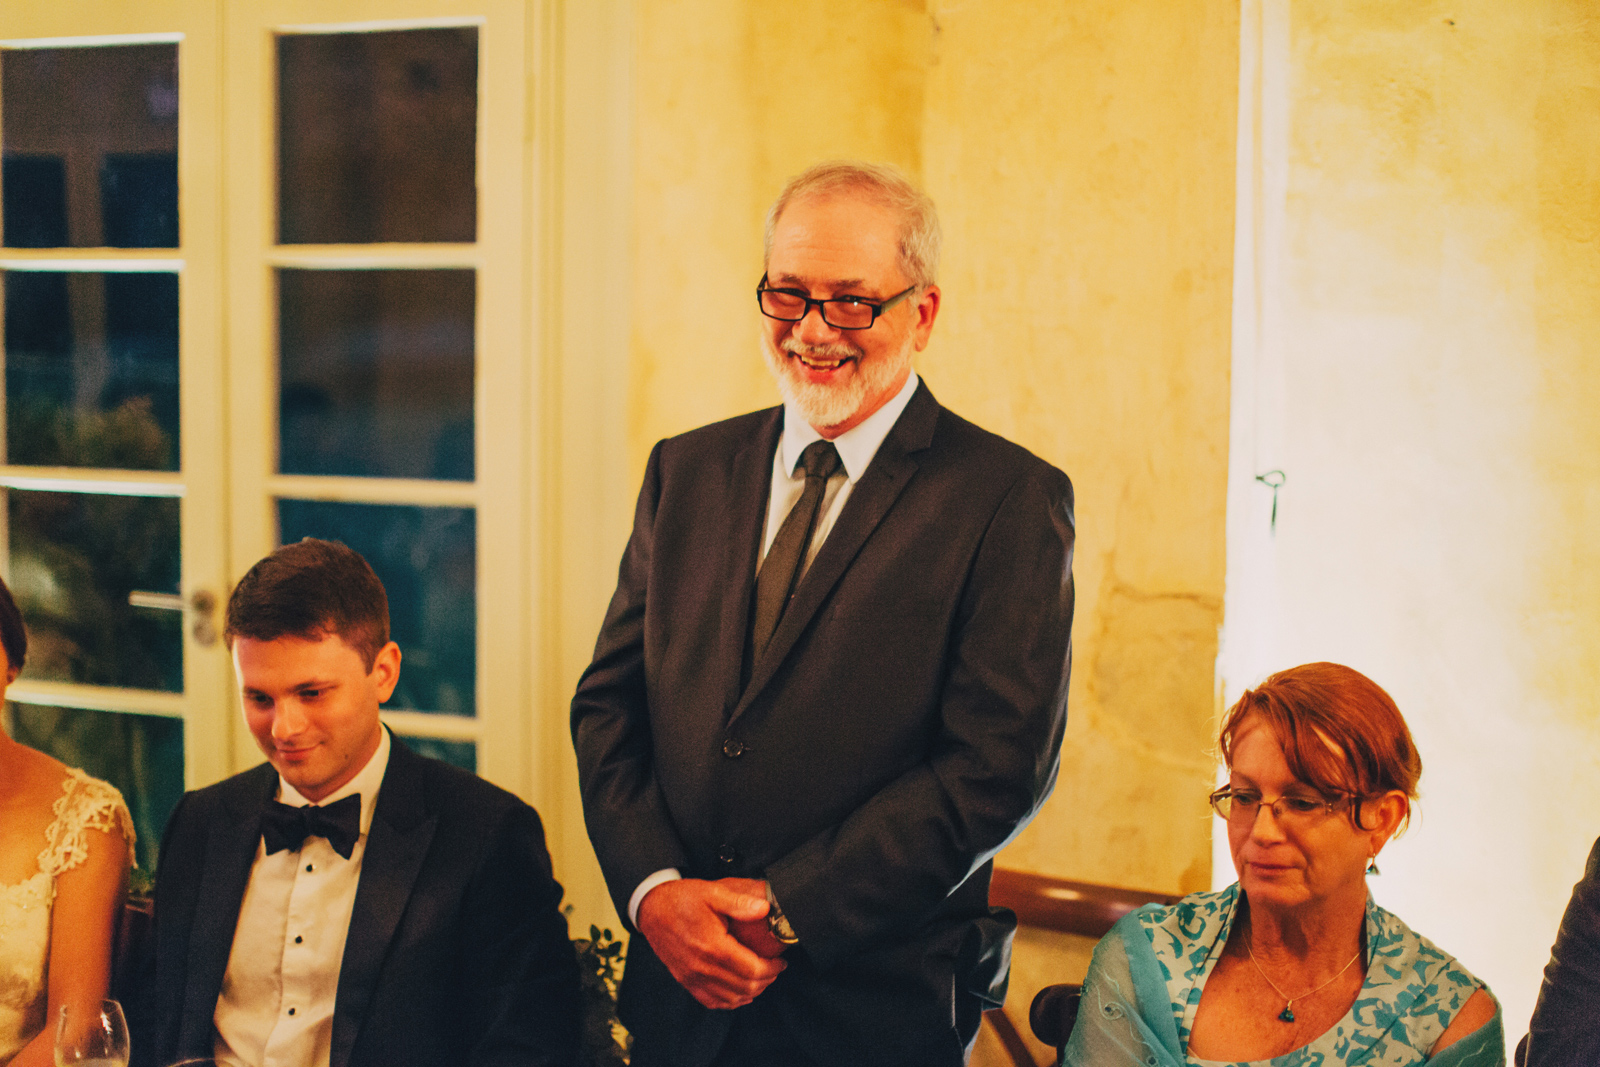 Hilary-&-Darren-Married---0789